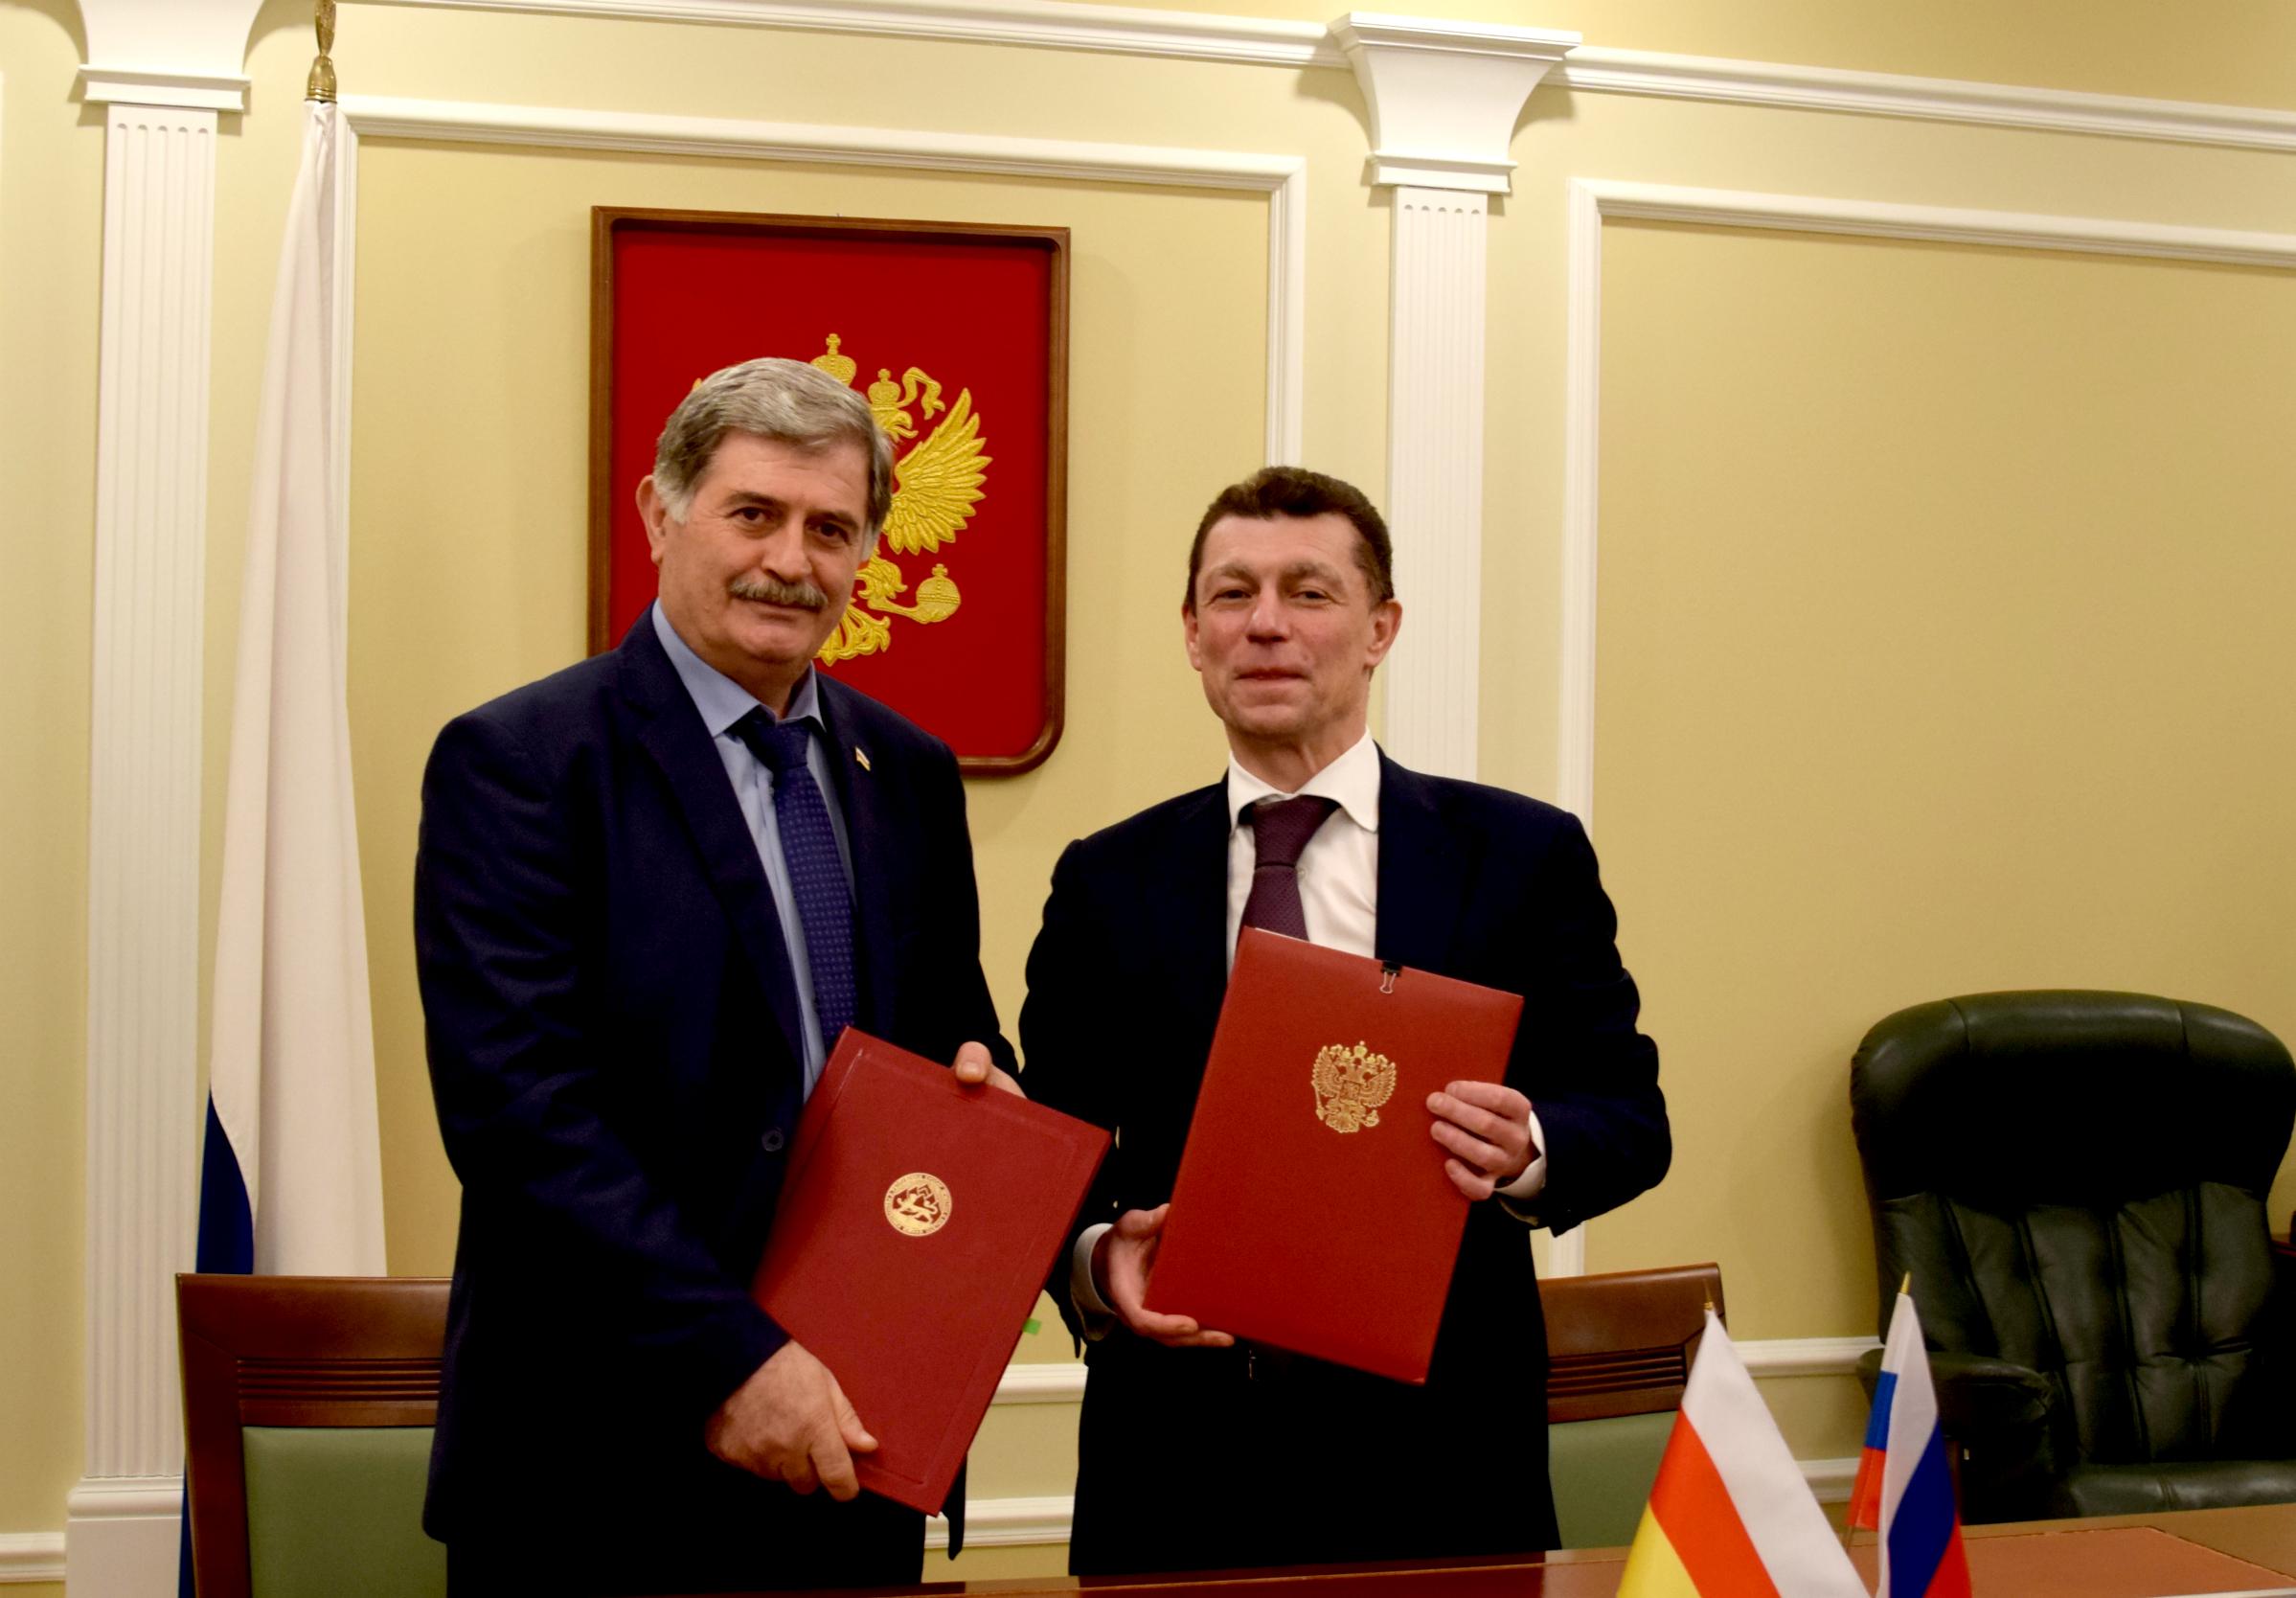 Состоялось подписание Соглашения о пенсионном обеспечении граждан Российской Федерации, постоянно проживающих в  Южной Осетии